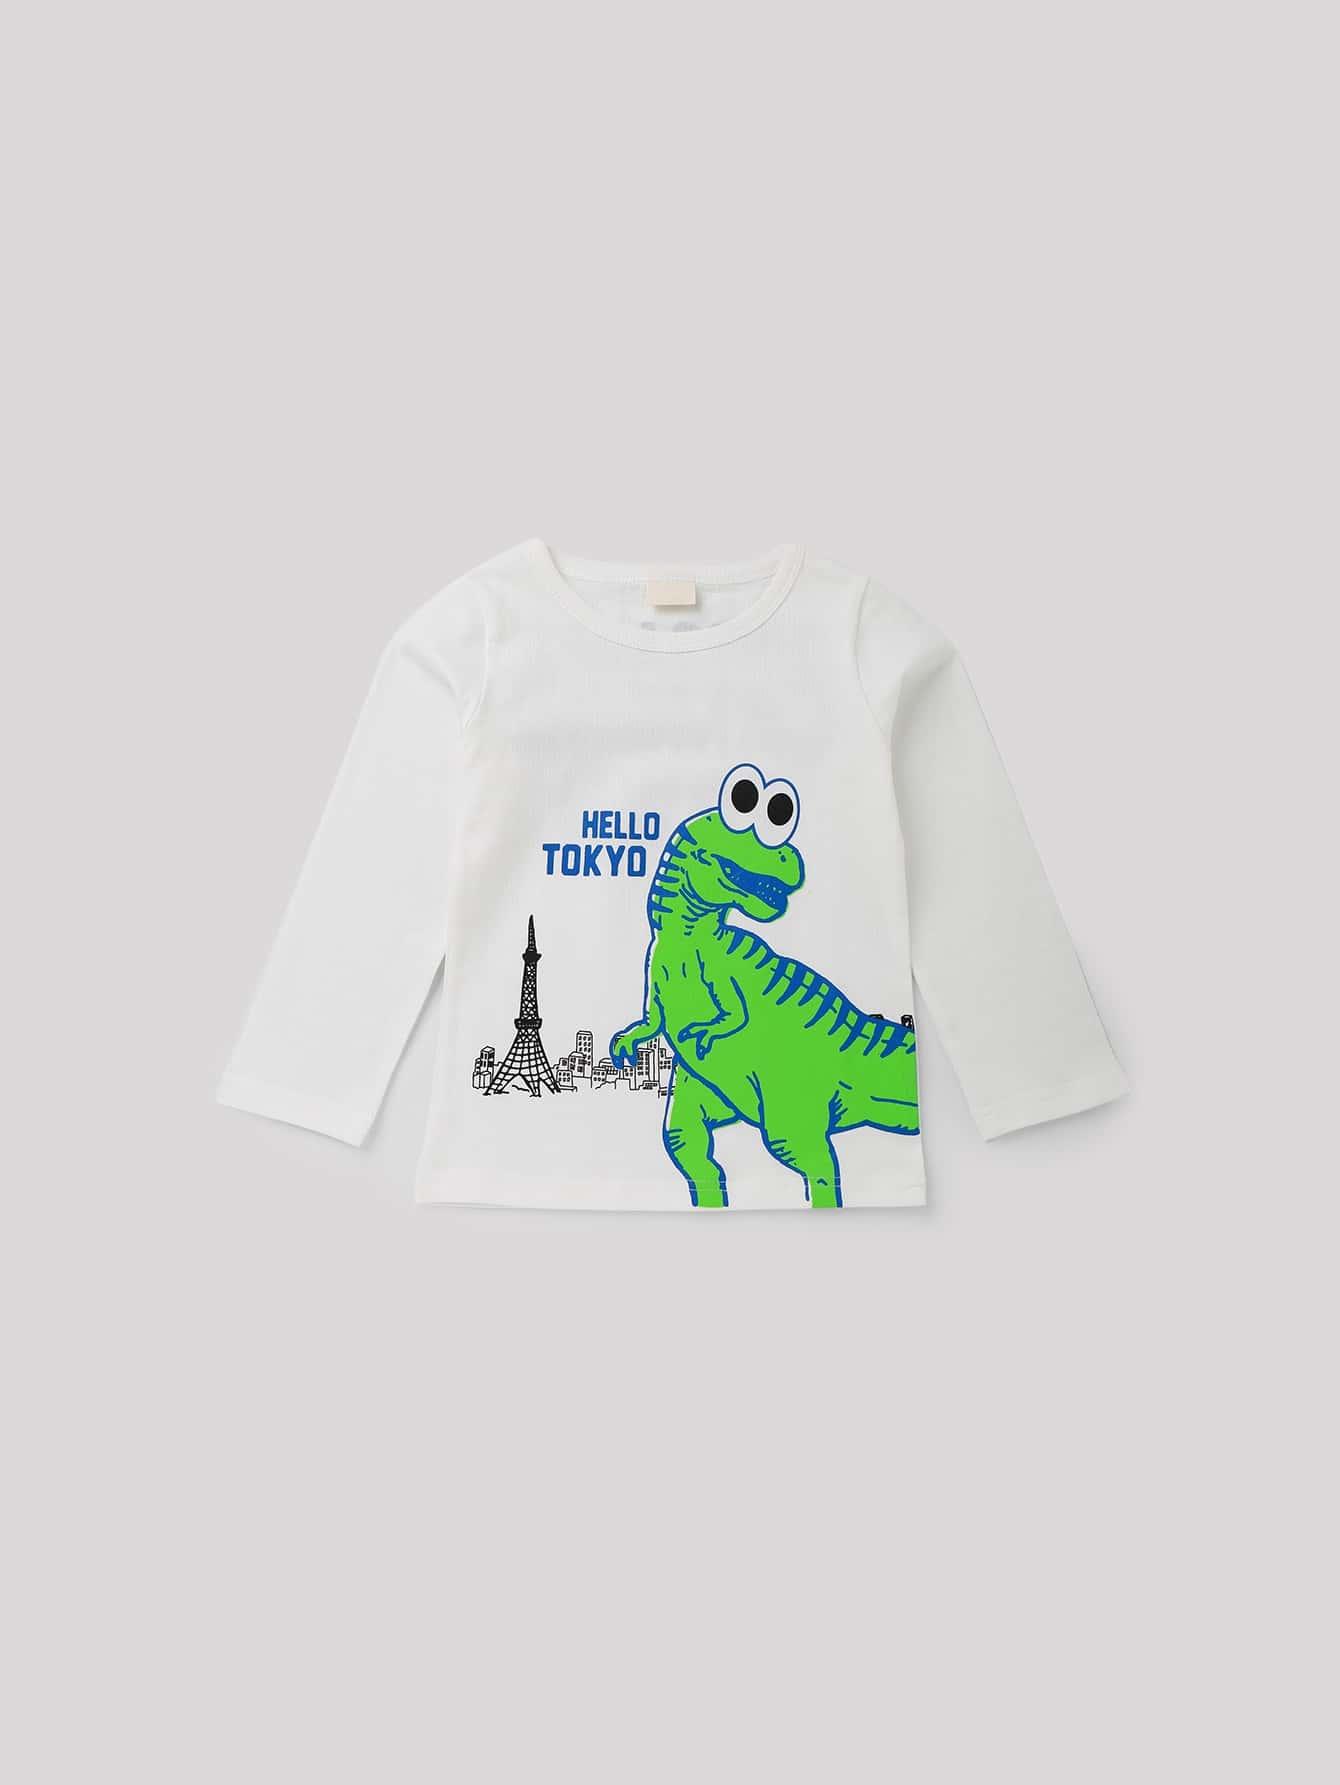 Boys Dinosaur And Letter Print Tee